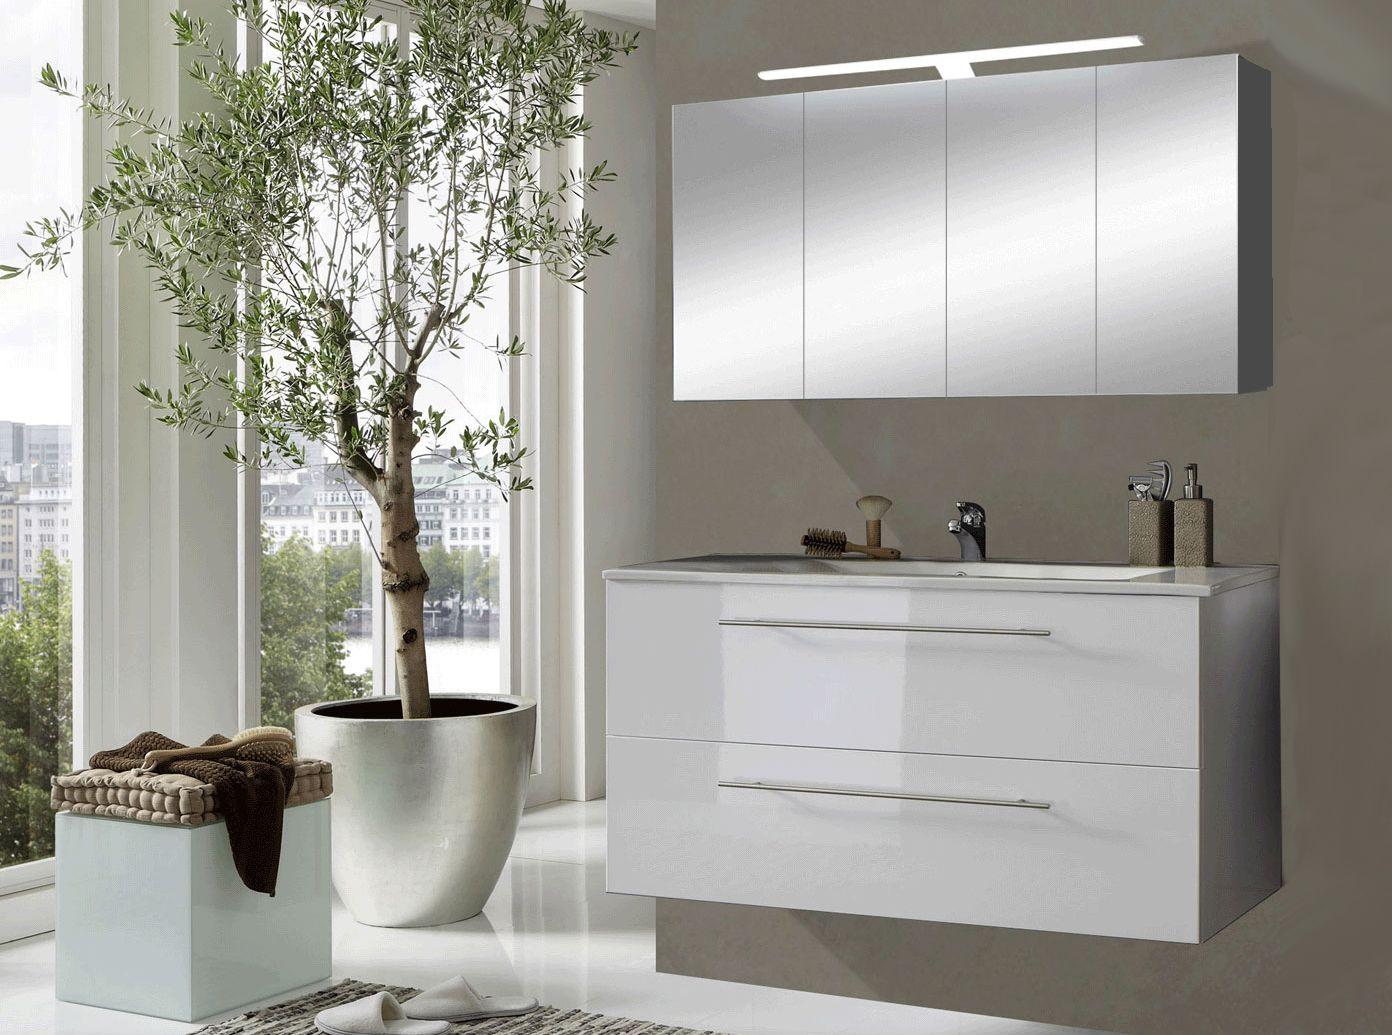 SAM® 2tlg. Badezimmer Set Spiegelschrank weiß 120 cm Rom Auf Lager ...